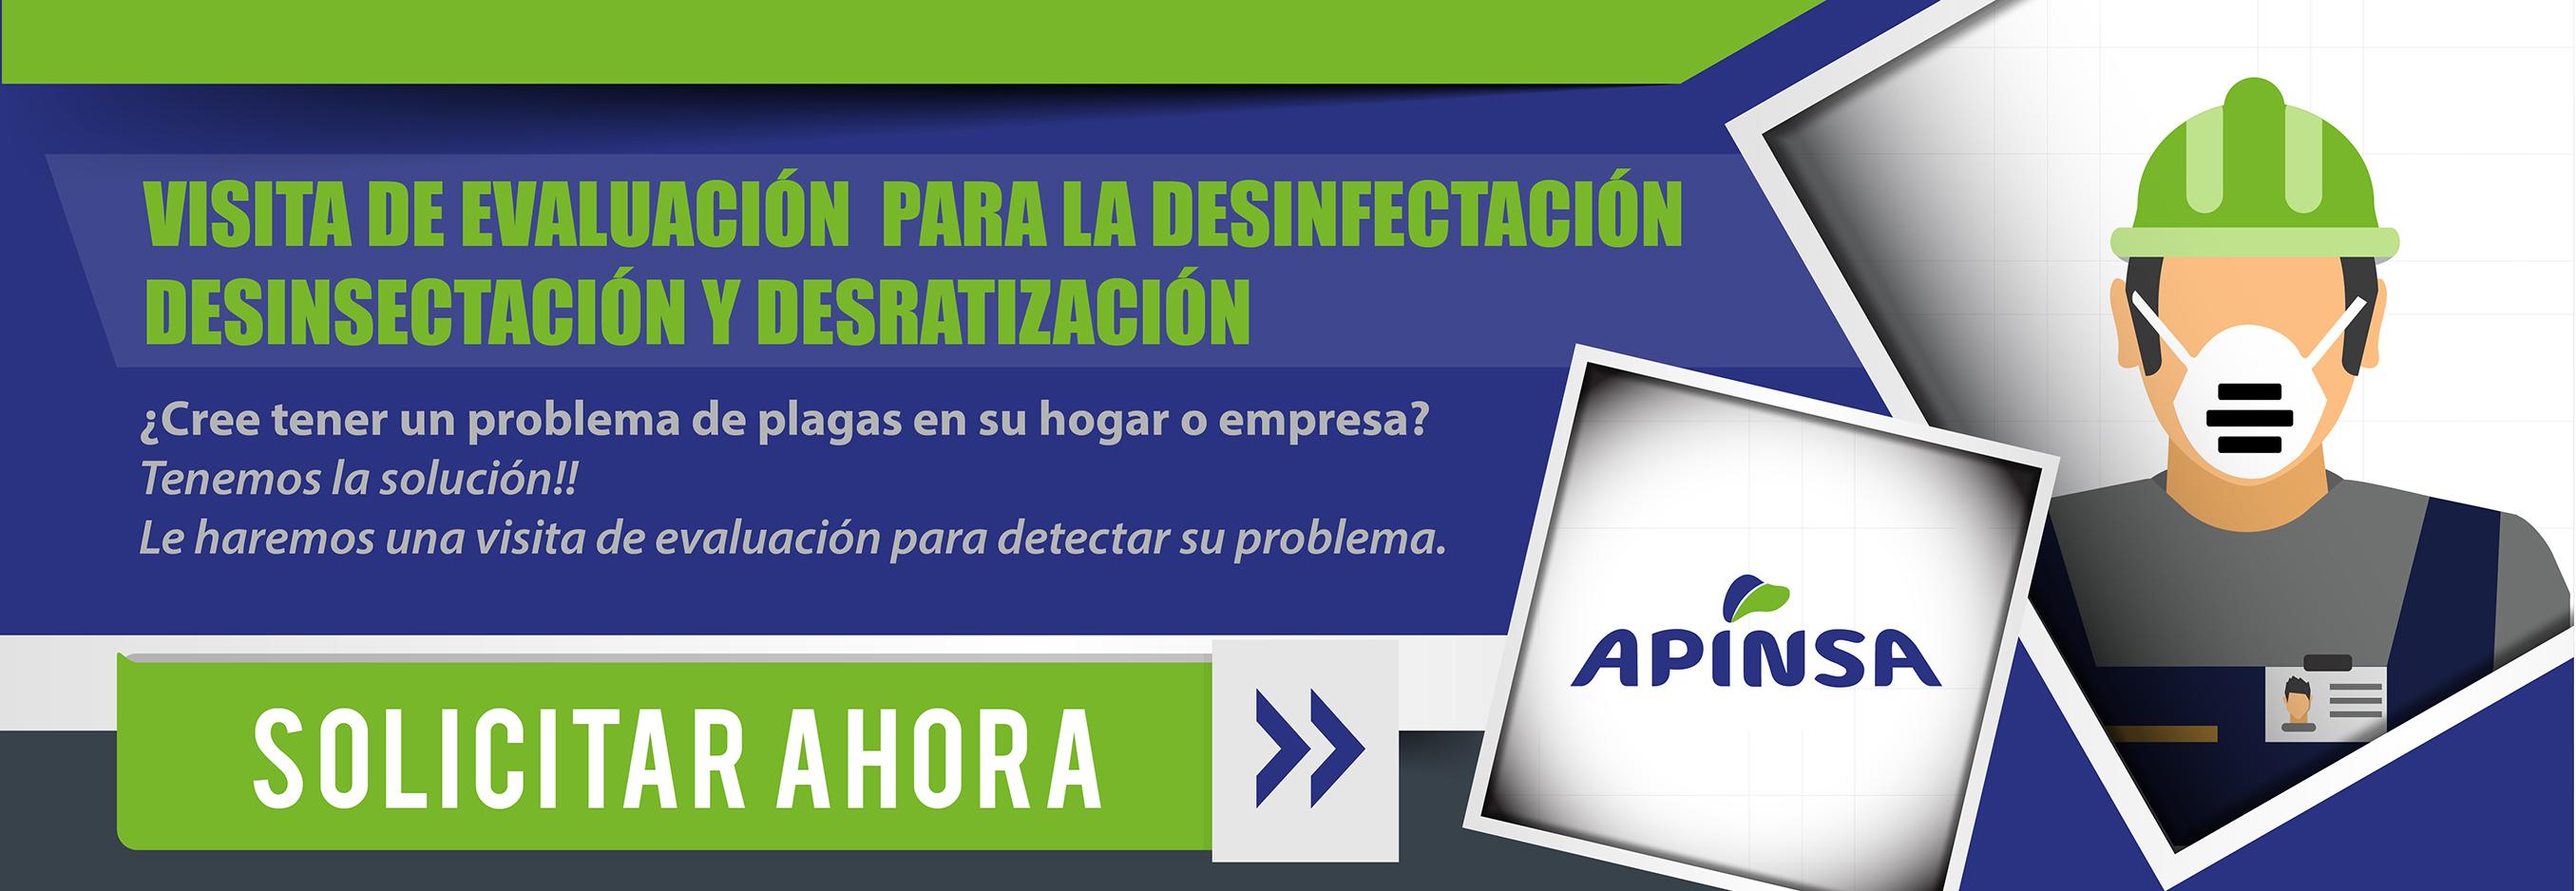 Inspeccion gratuita desratizacion, desinsectacion y desinfectación en canarias